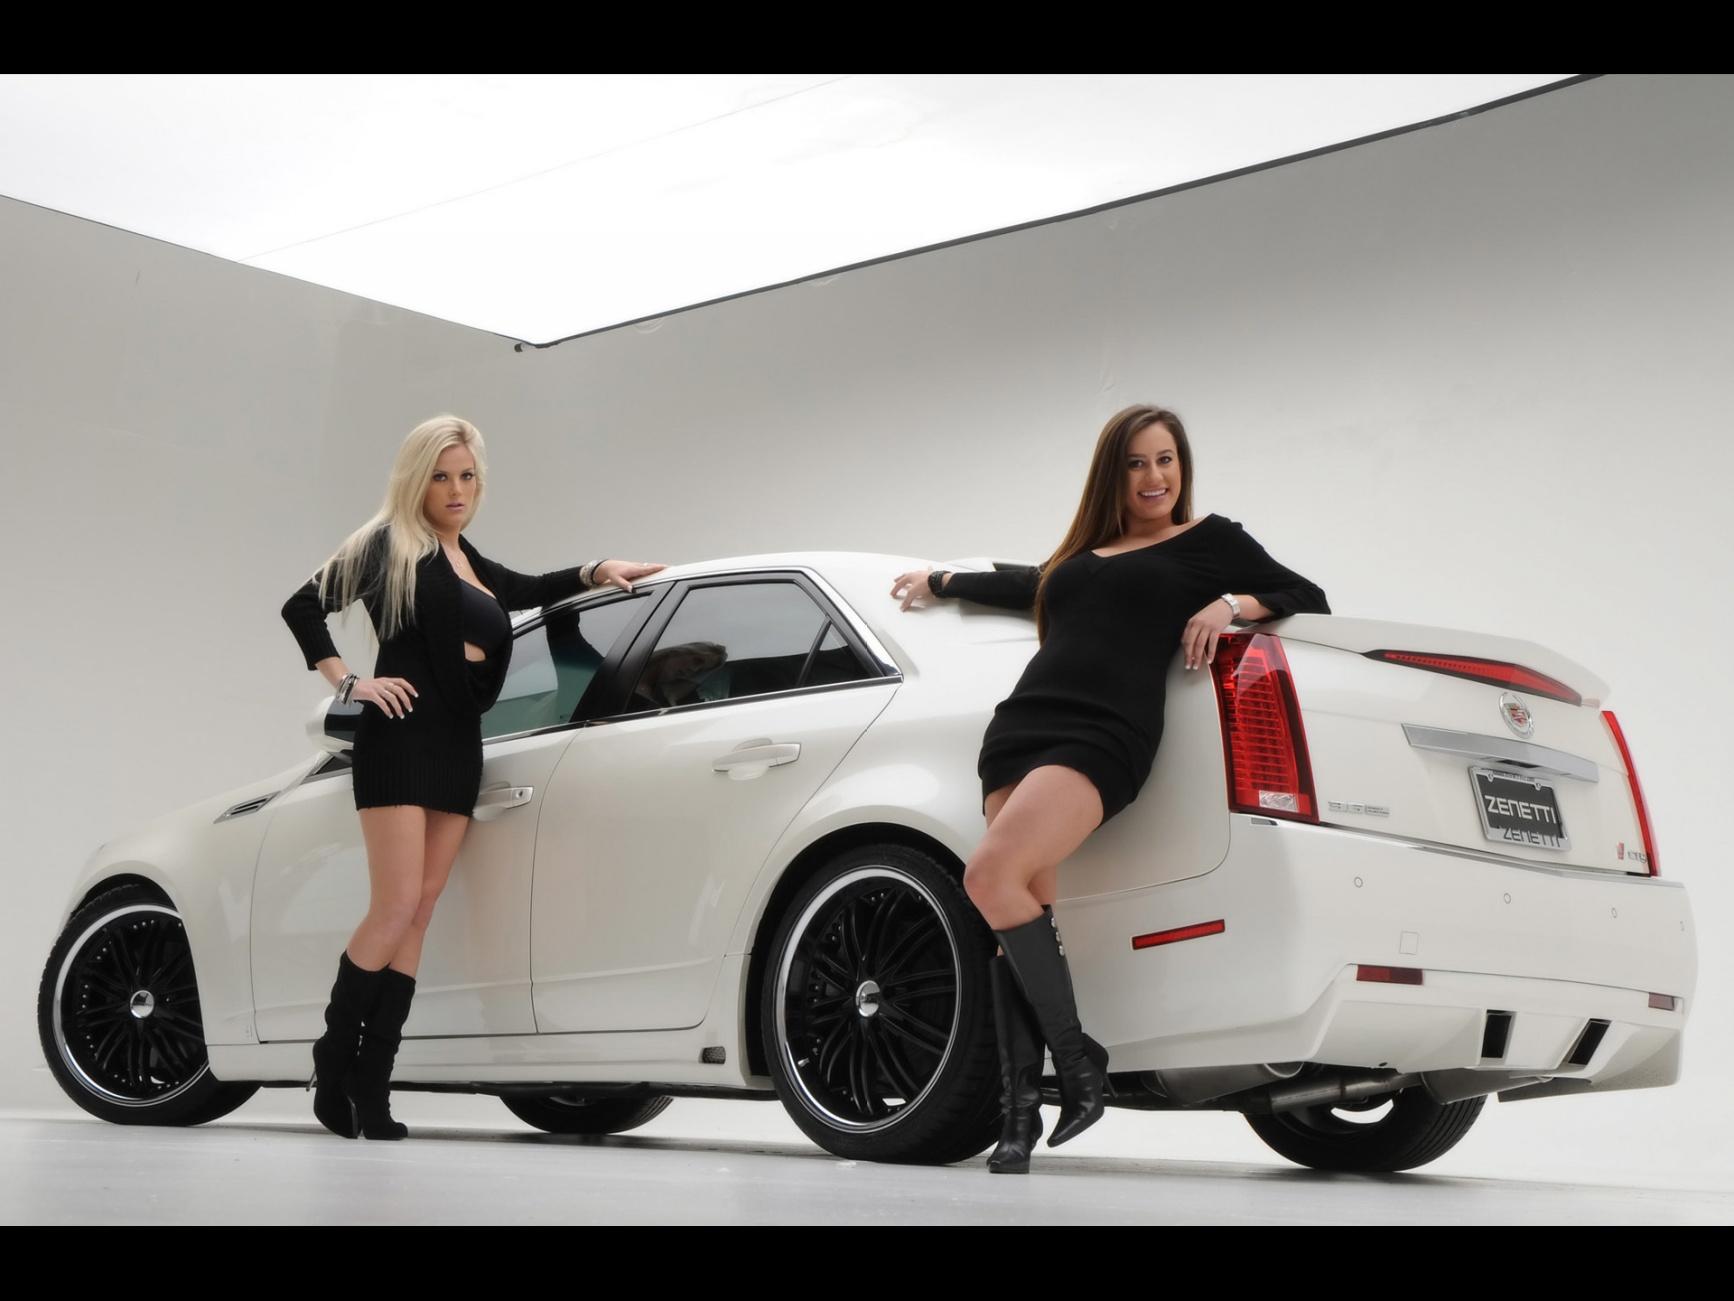 Chicas y Cadillac - 1734x1301